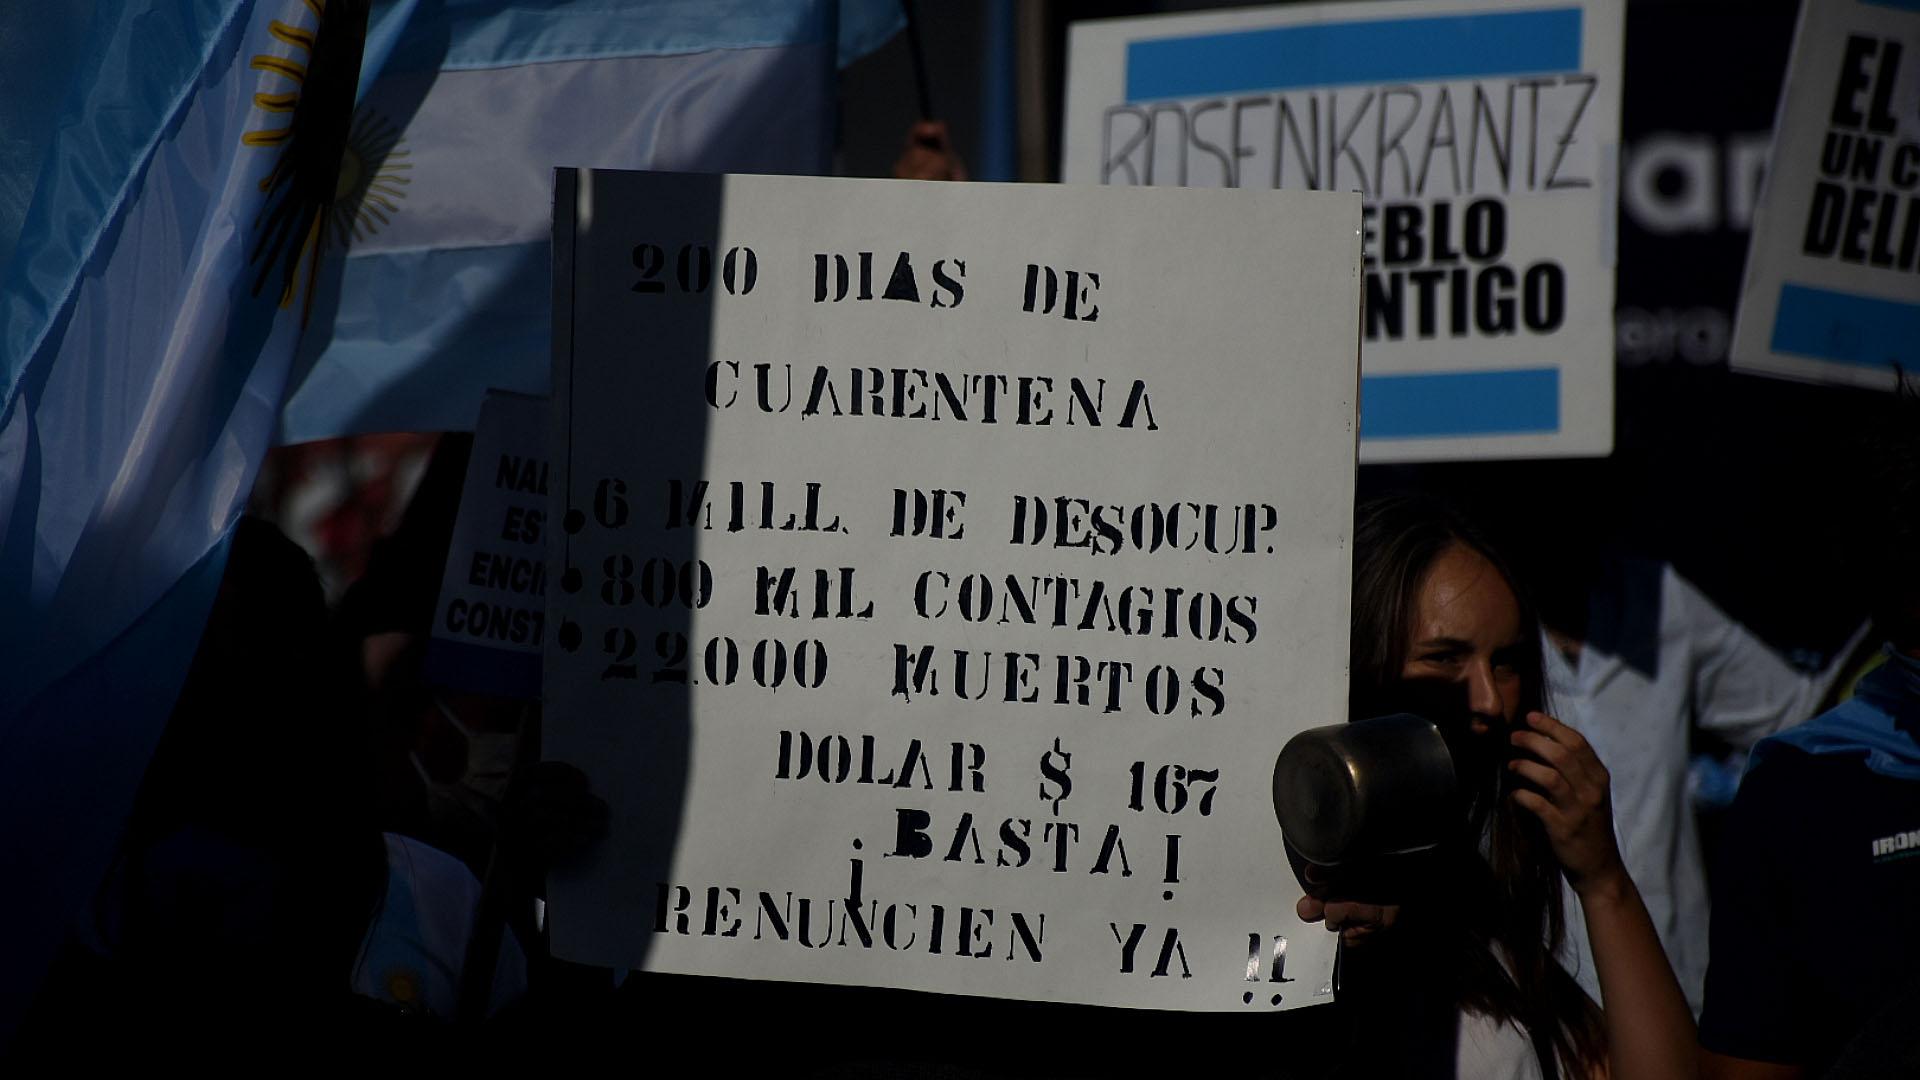 La cuarentena de más de 200 días dispuesta por Alberto Fernández fue otro de los temas más cuestionados por los manifestantes